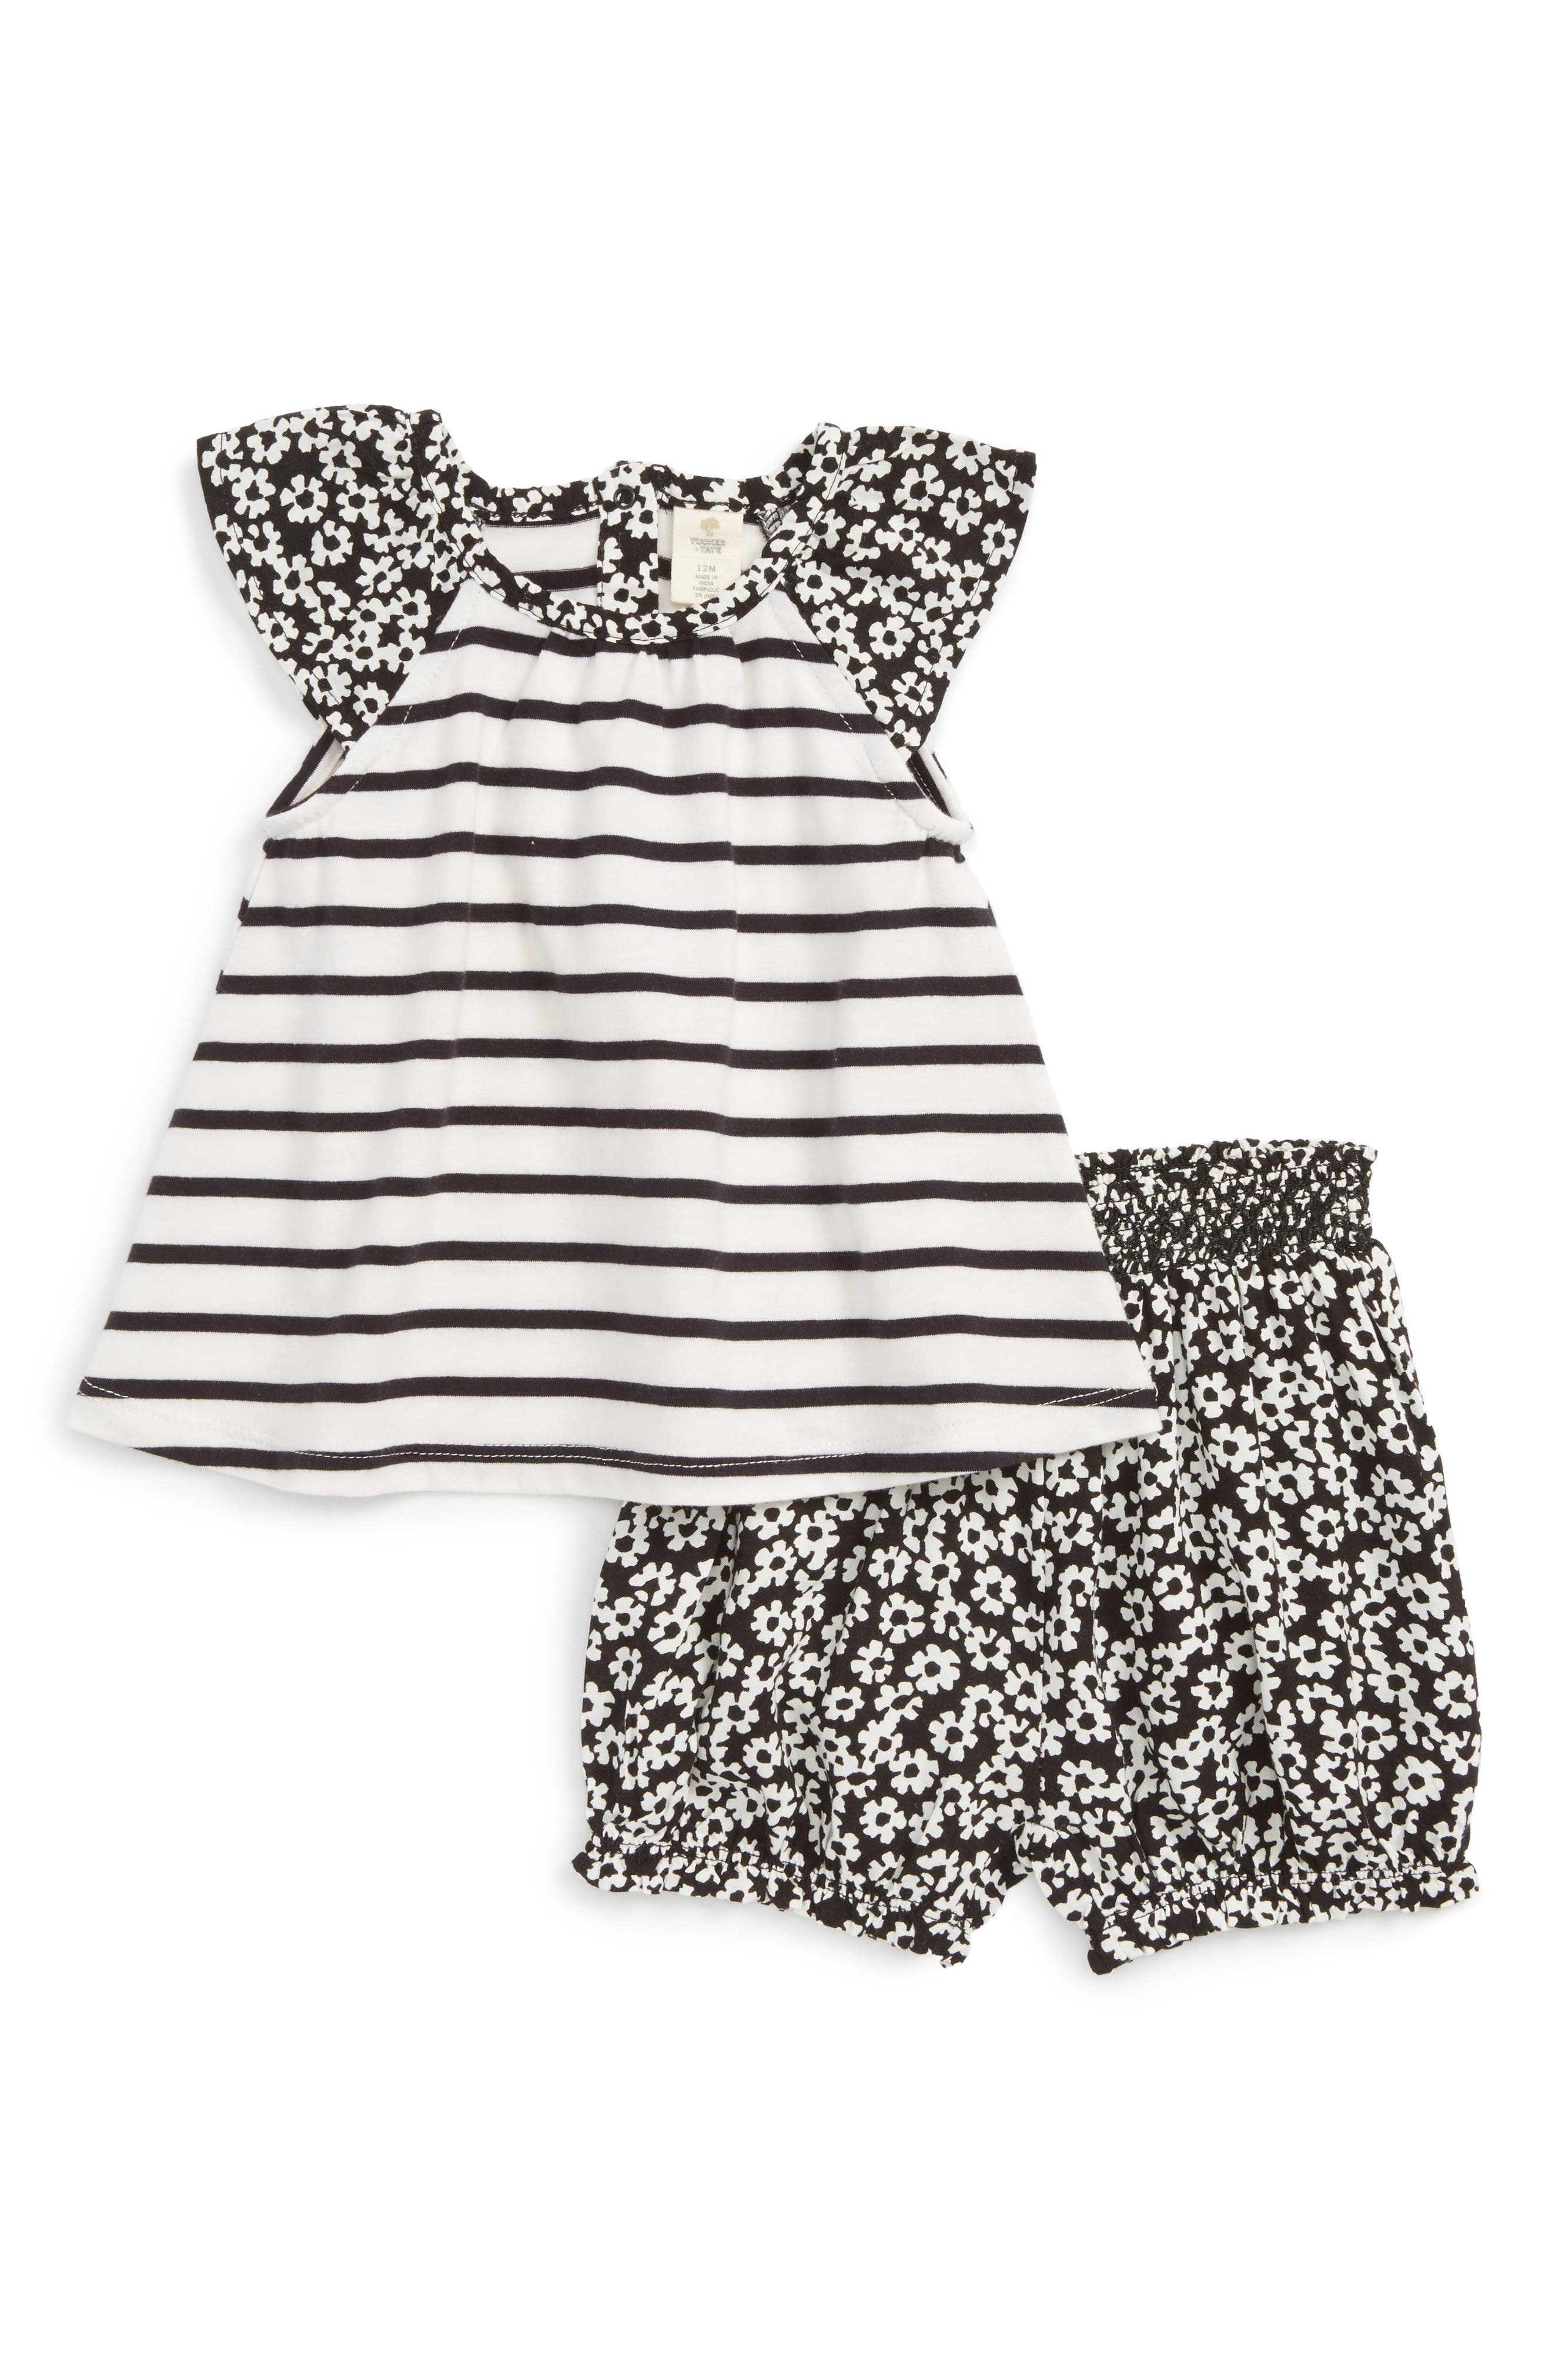 Tee & Shorts Set,                         Main,                         color, 900